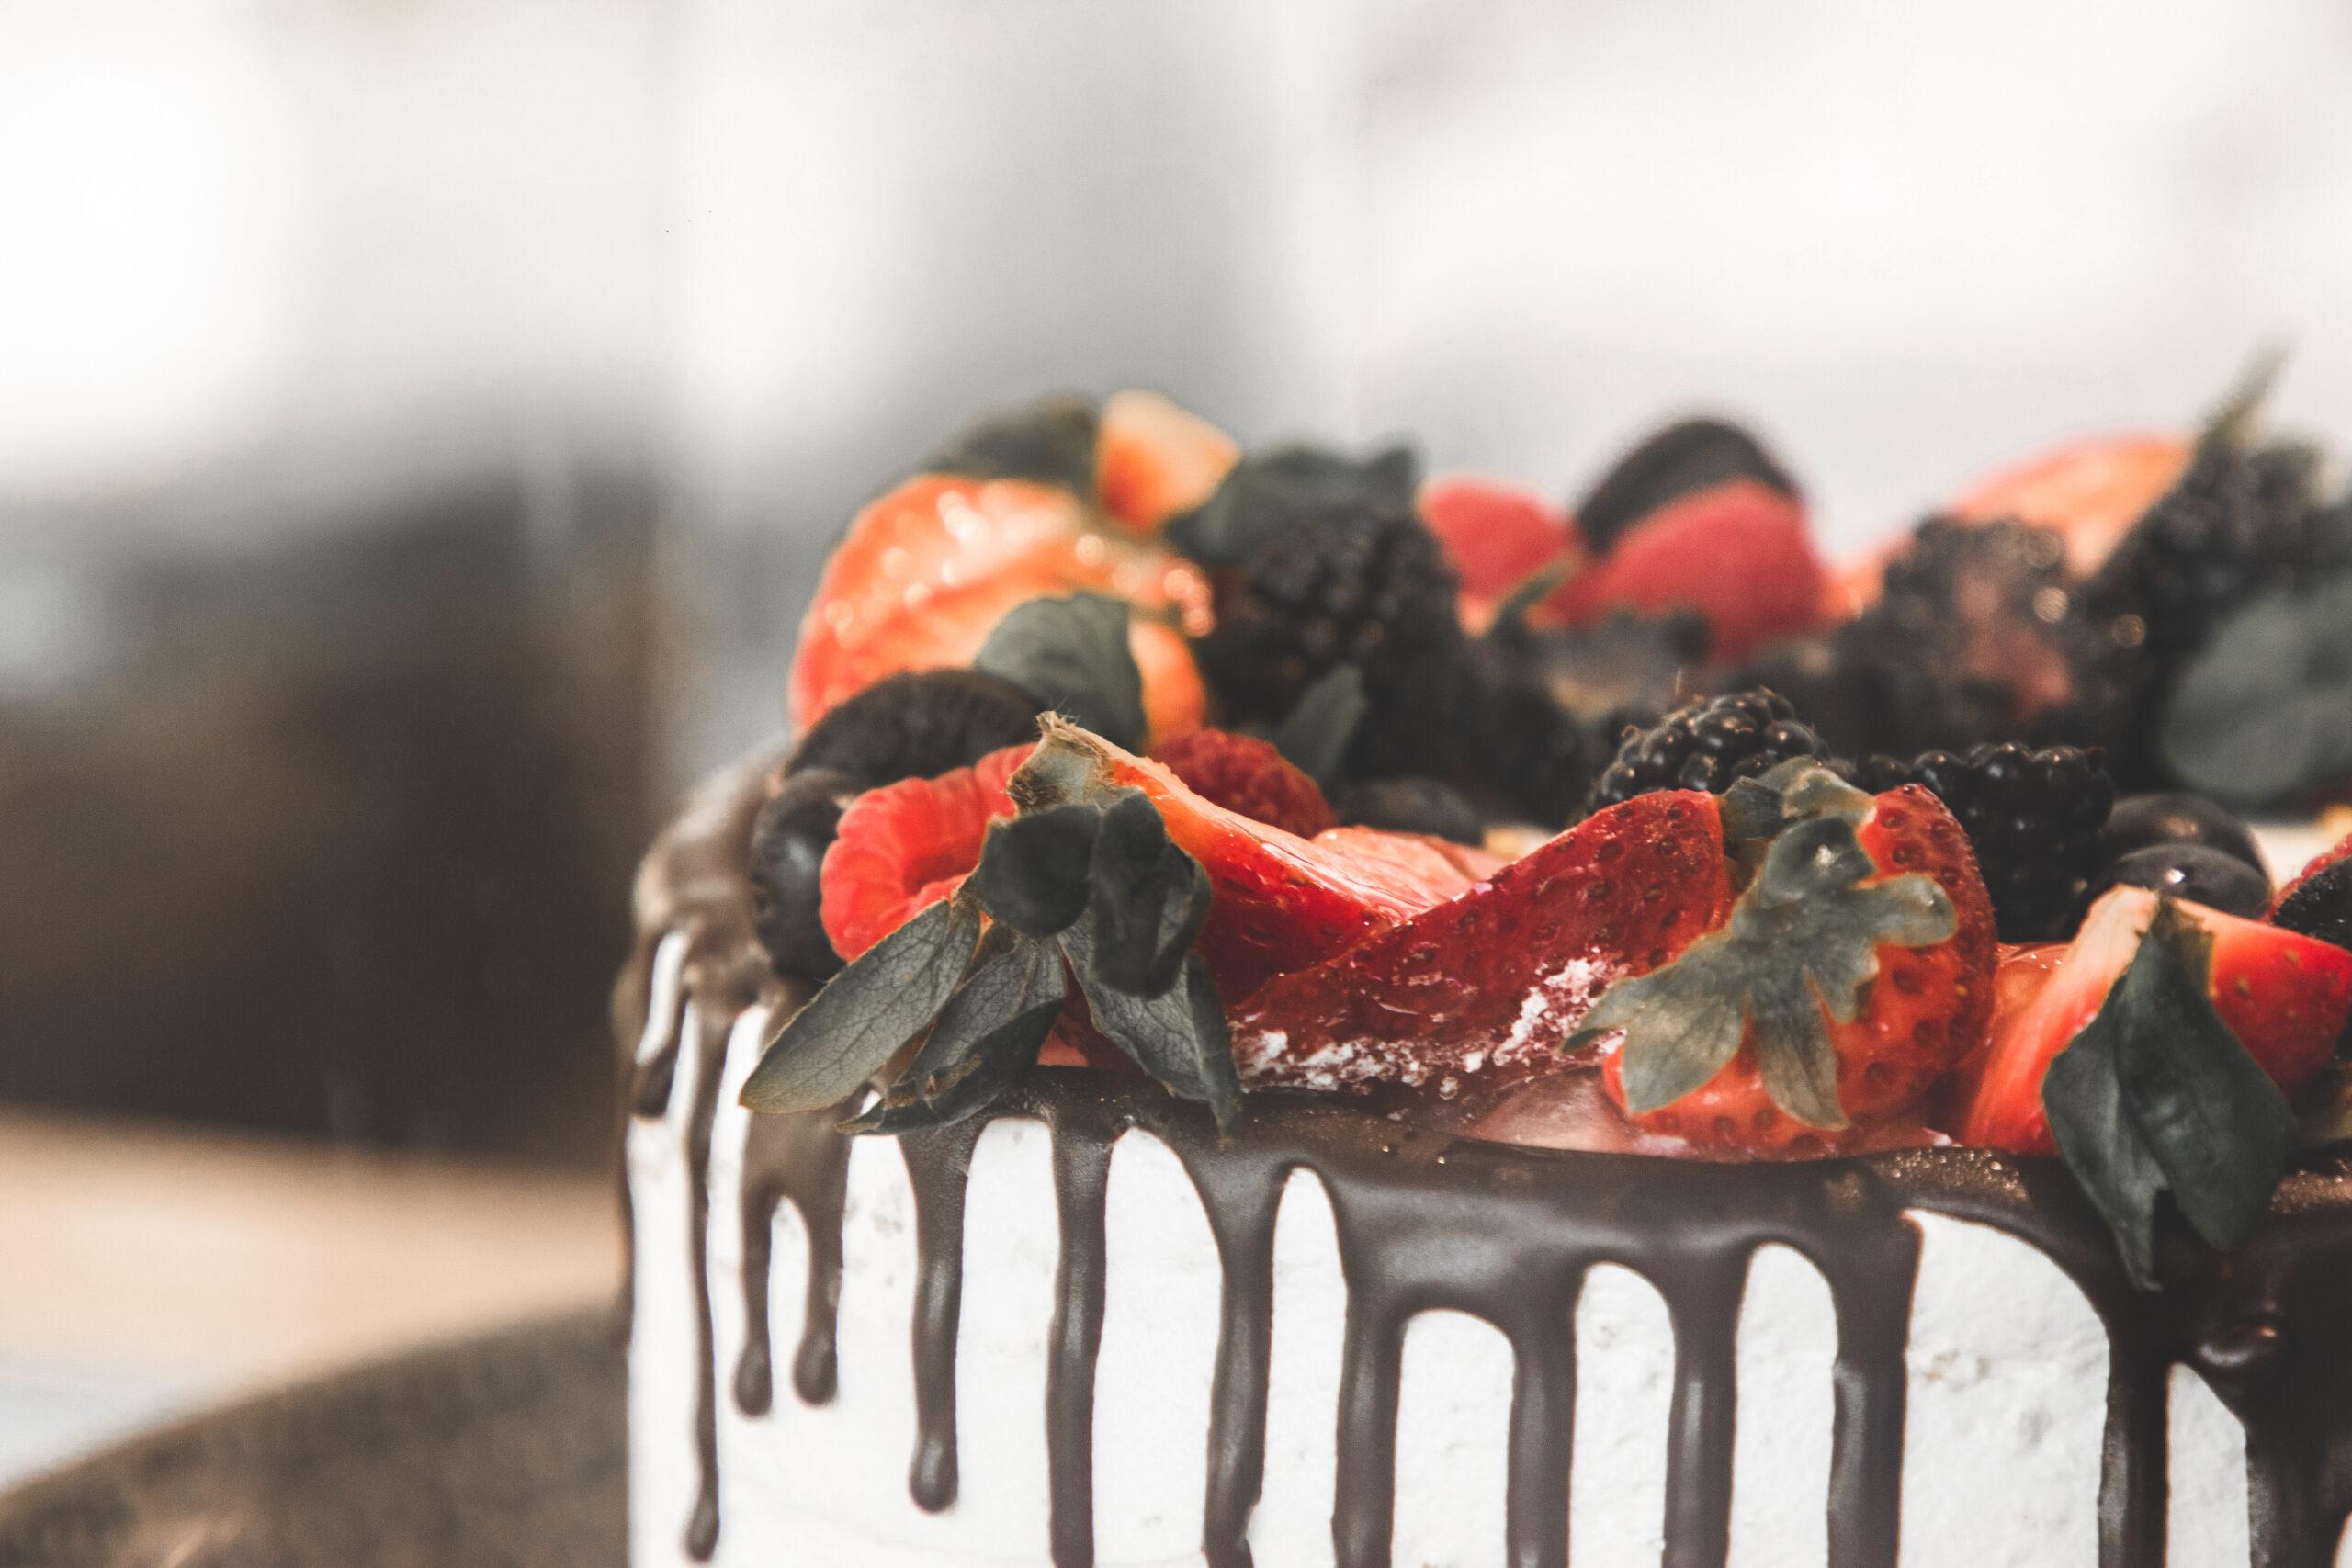 bolos-personalizados-cale-confeitaria-tradicional-portuguesa-peniche-caldas-rainha-padaria-pastelaria